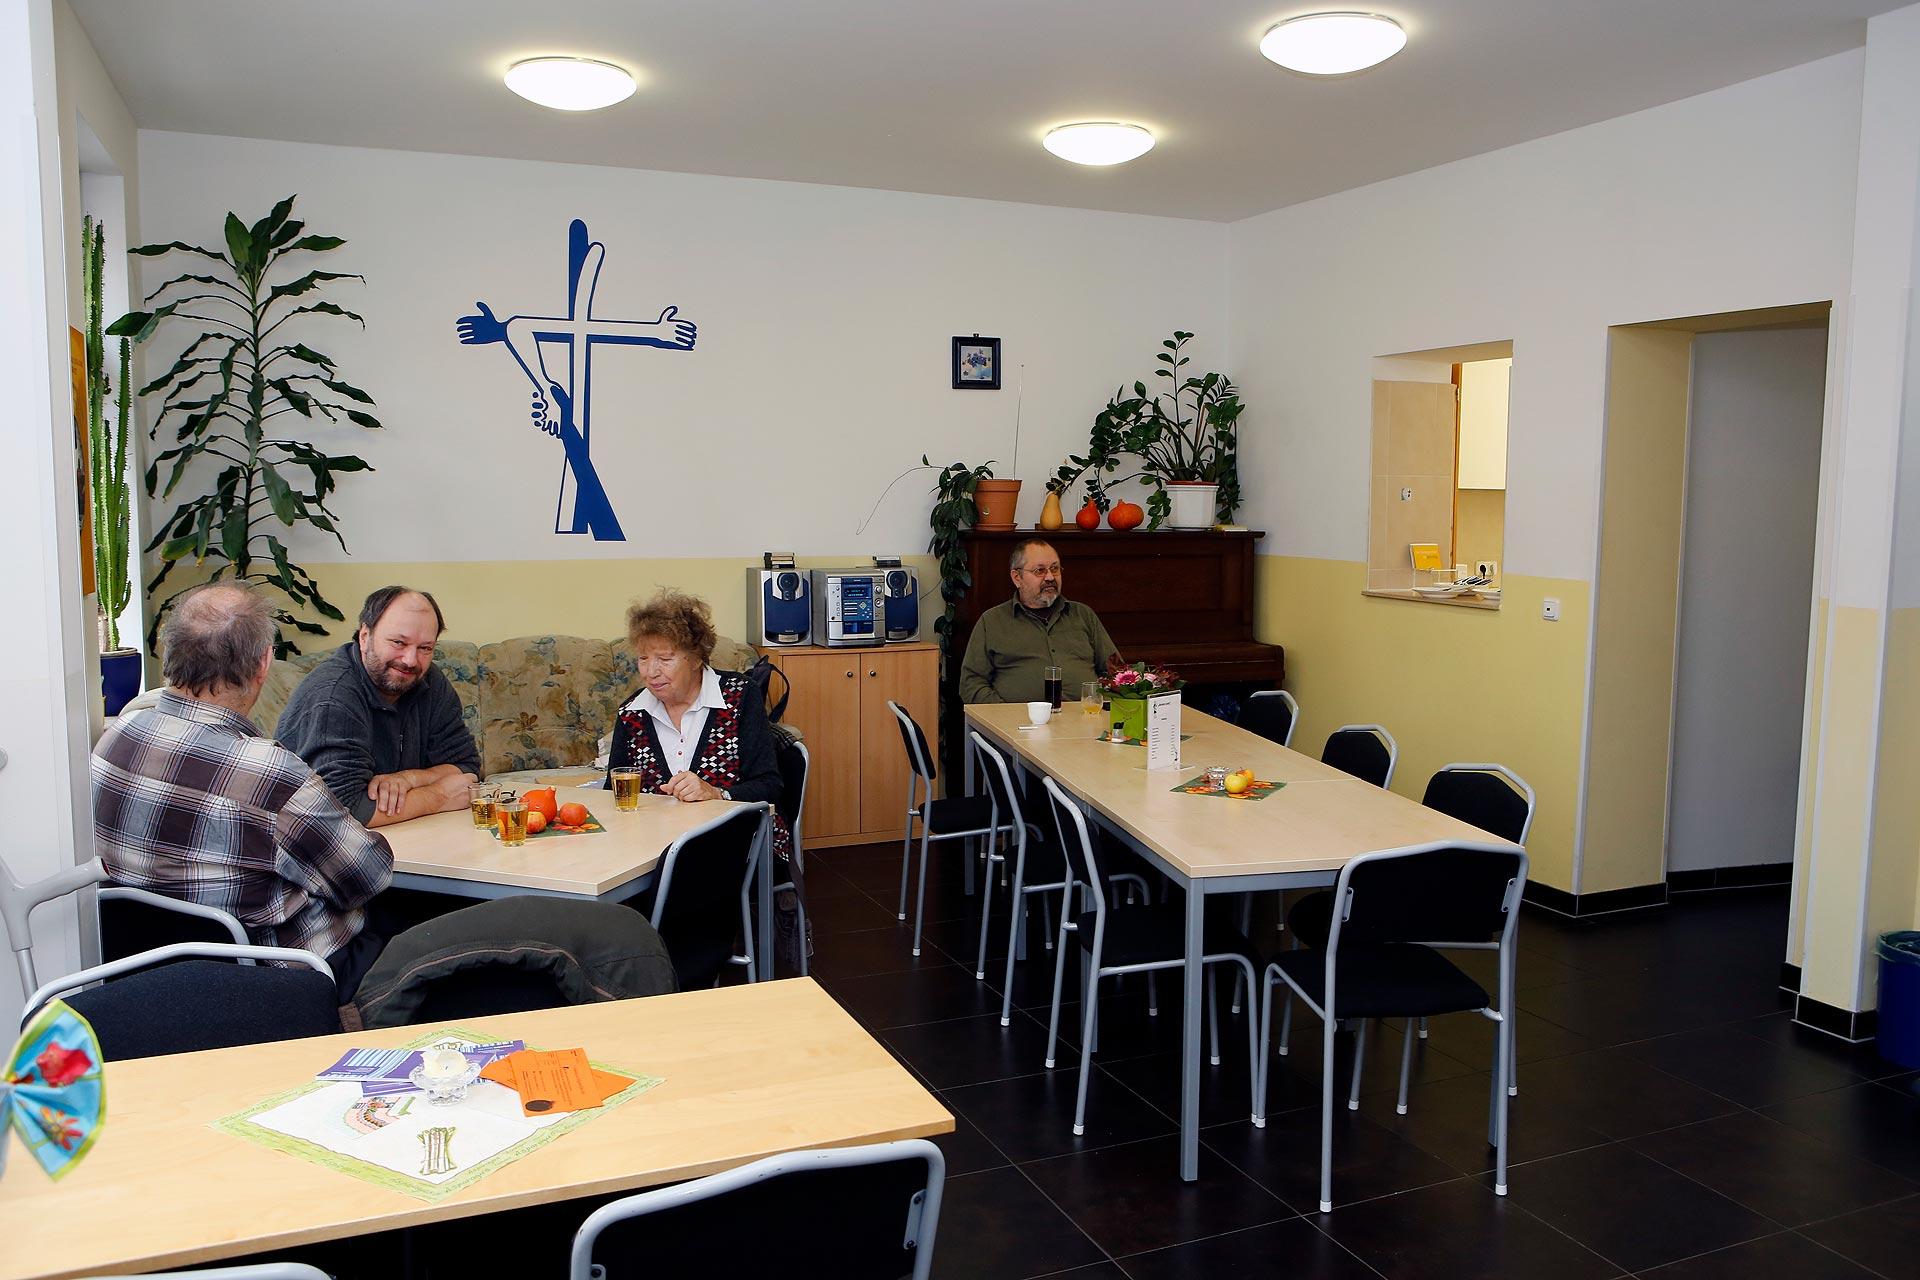 Das Blaue Café ist eine Begegnungsstätte für Drogenabhängige in Leipzig.